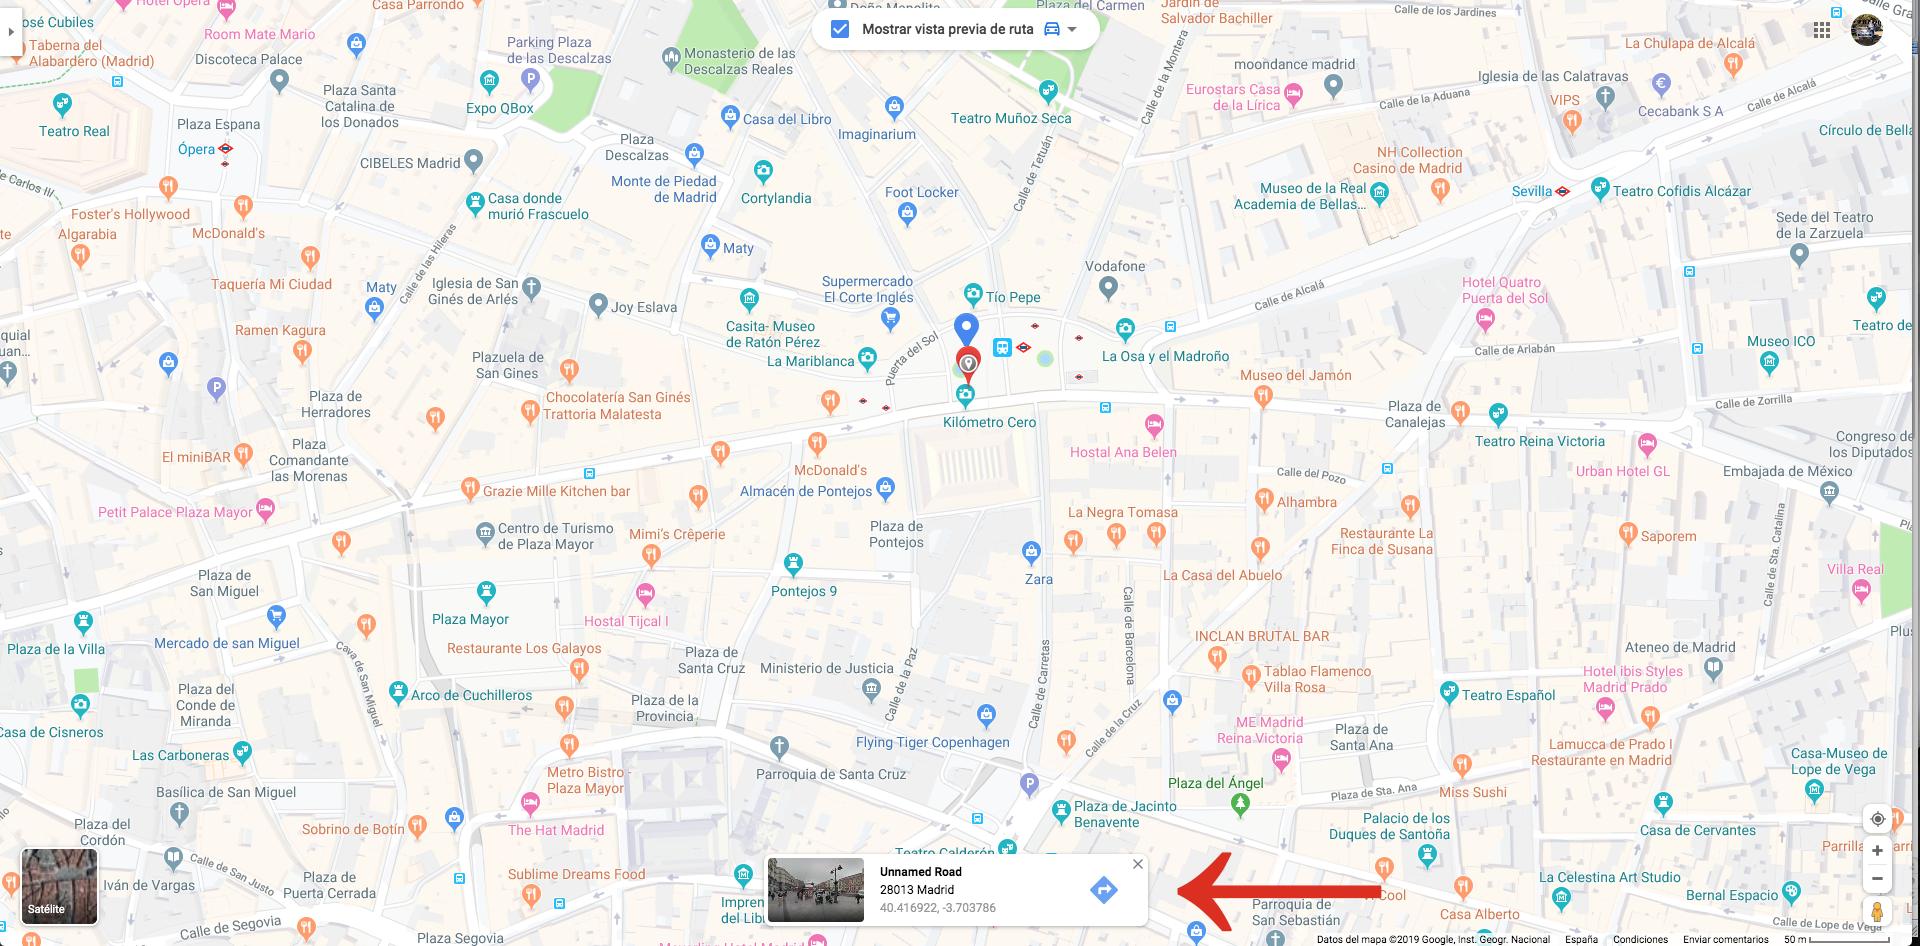 Mapa Comunidad De Madrid Por Codigos Postales.Como Puedo Encontrar Mi Codigo Postal Ayuda De Google Maps